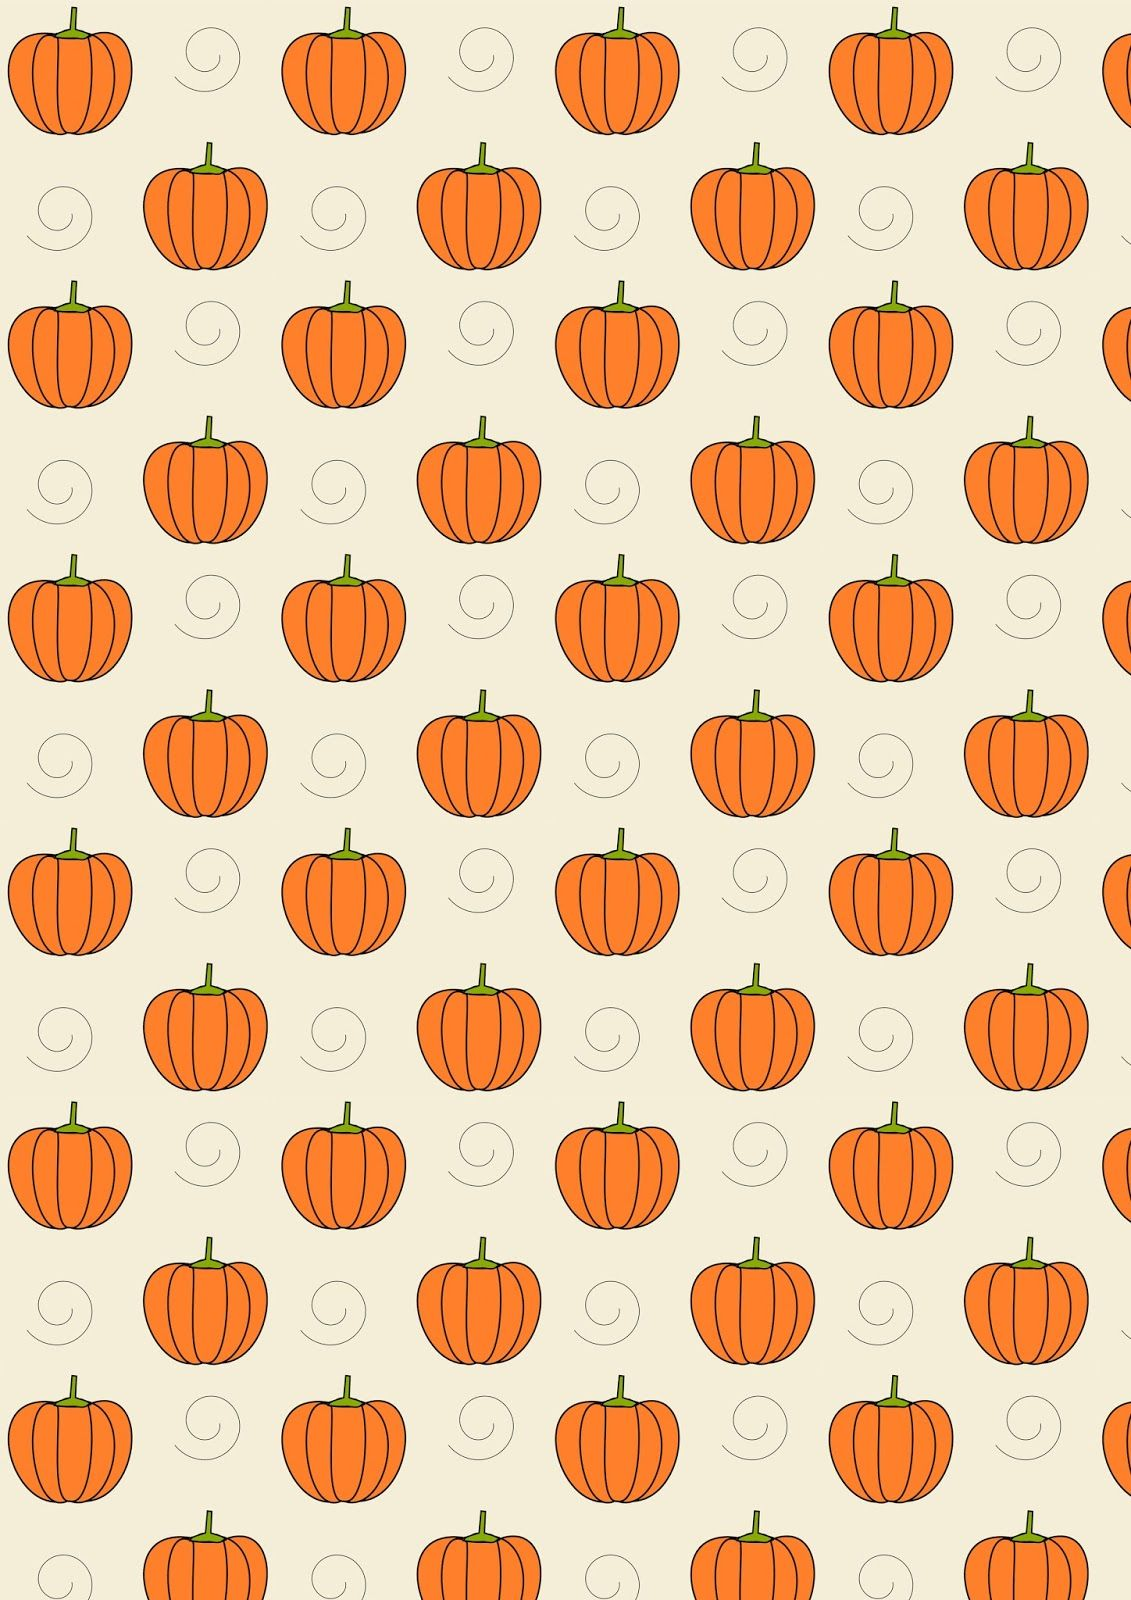 Fall Pumpkin Backgrounds